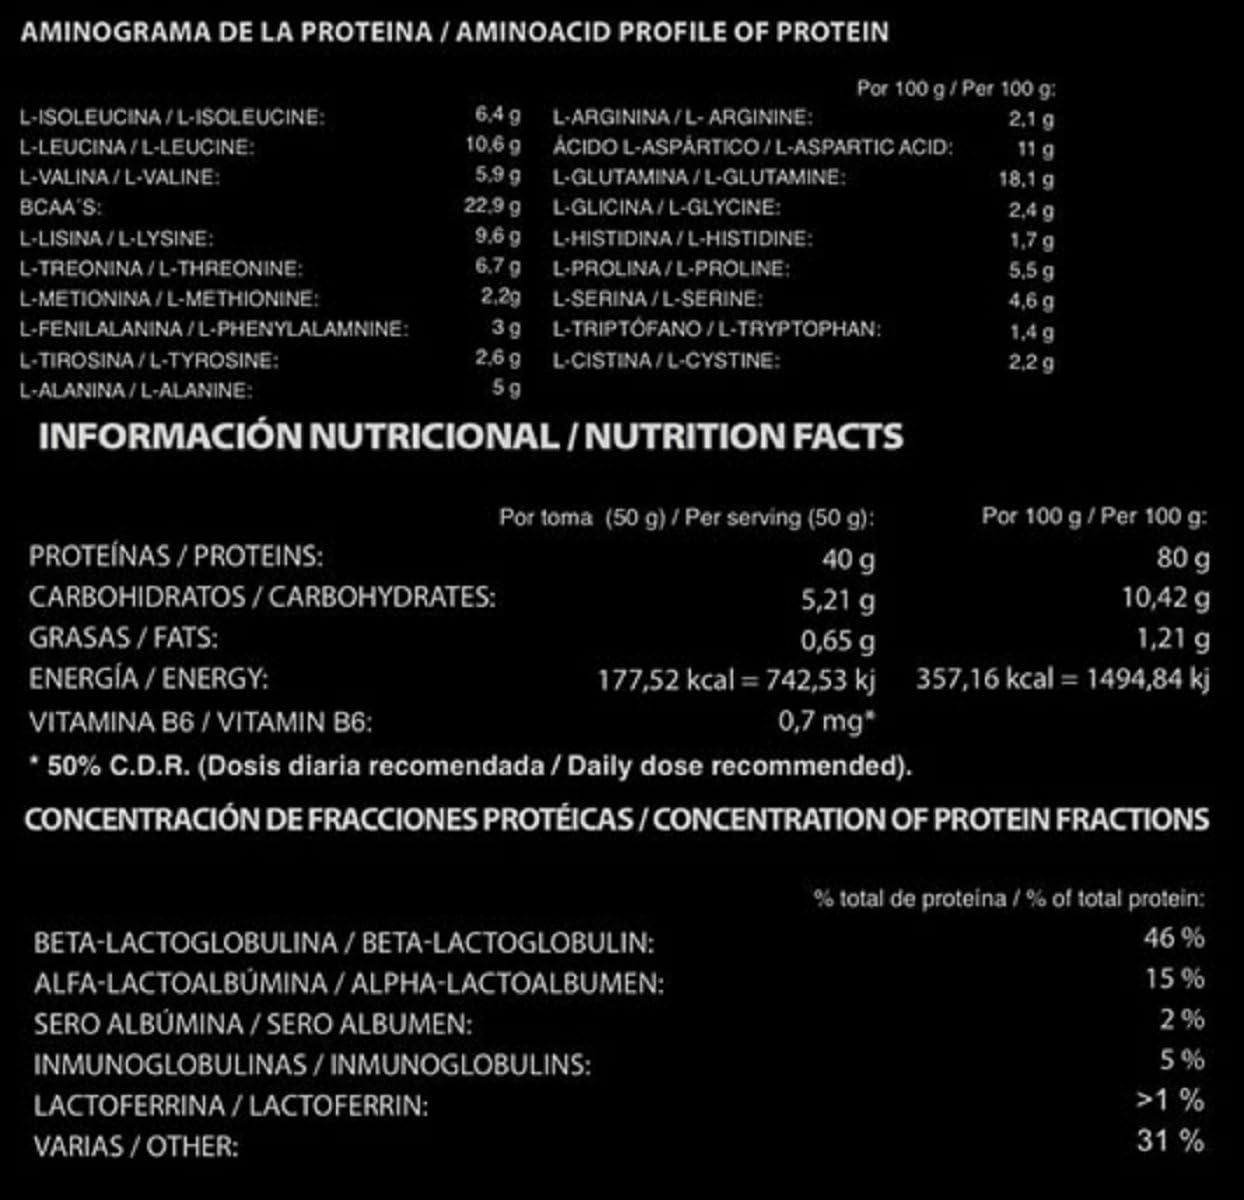 PROTEINA WHEY HARDCORE START-PRO 8 LIBRAS (3,6 KG) FORMATO ...